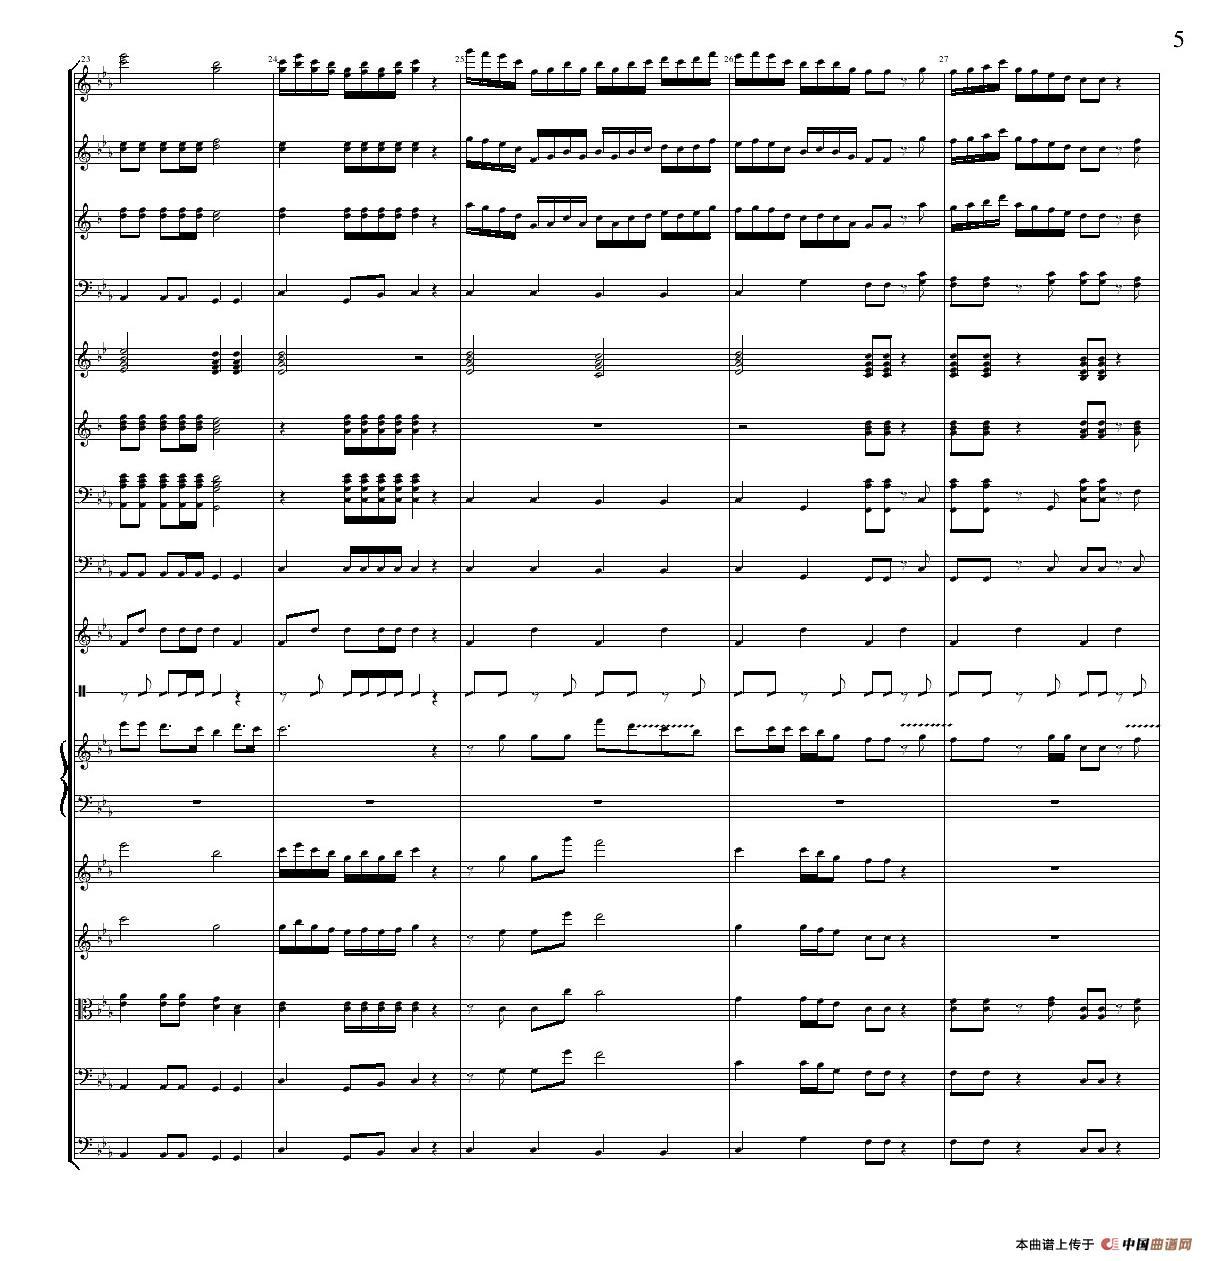 老司机 管弦乐队总谱 简谱